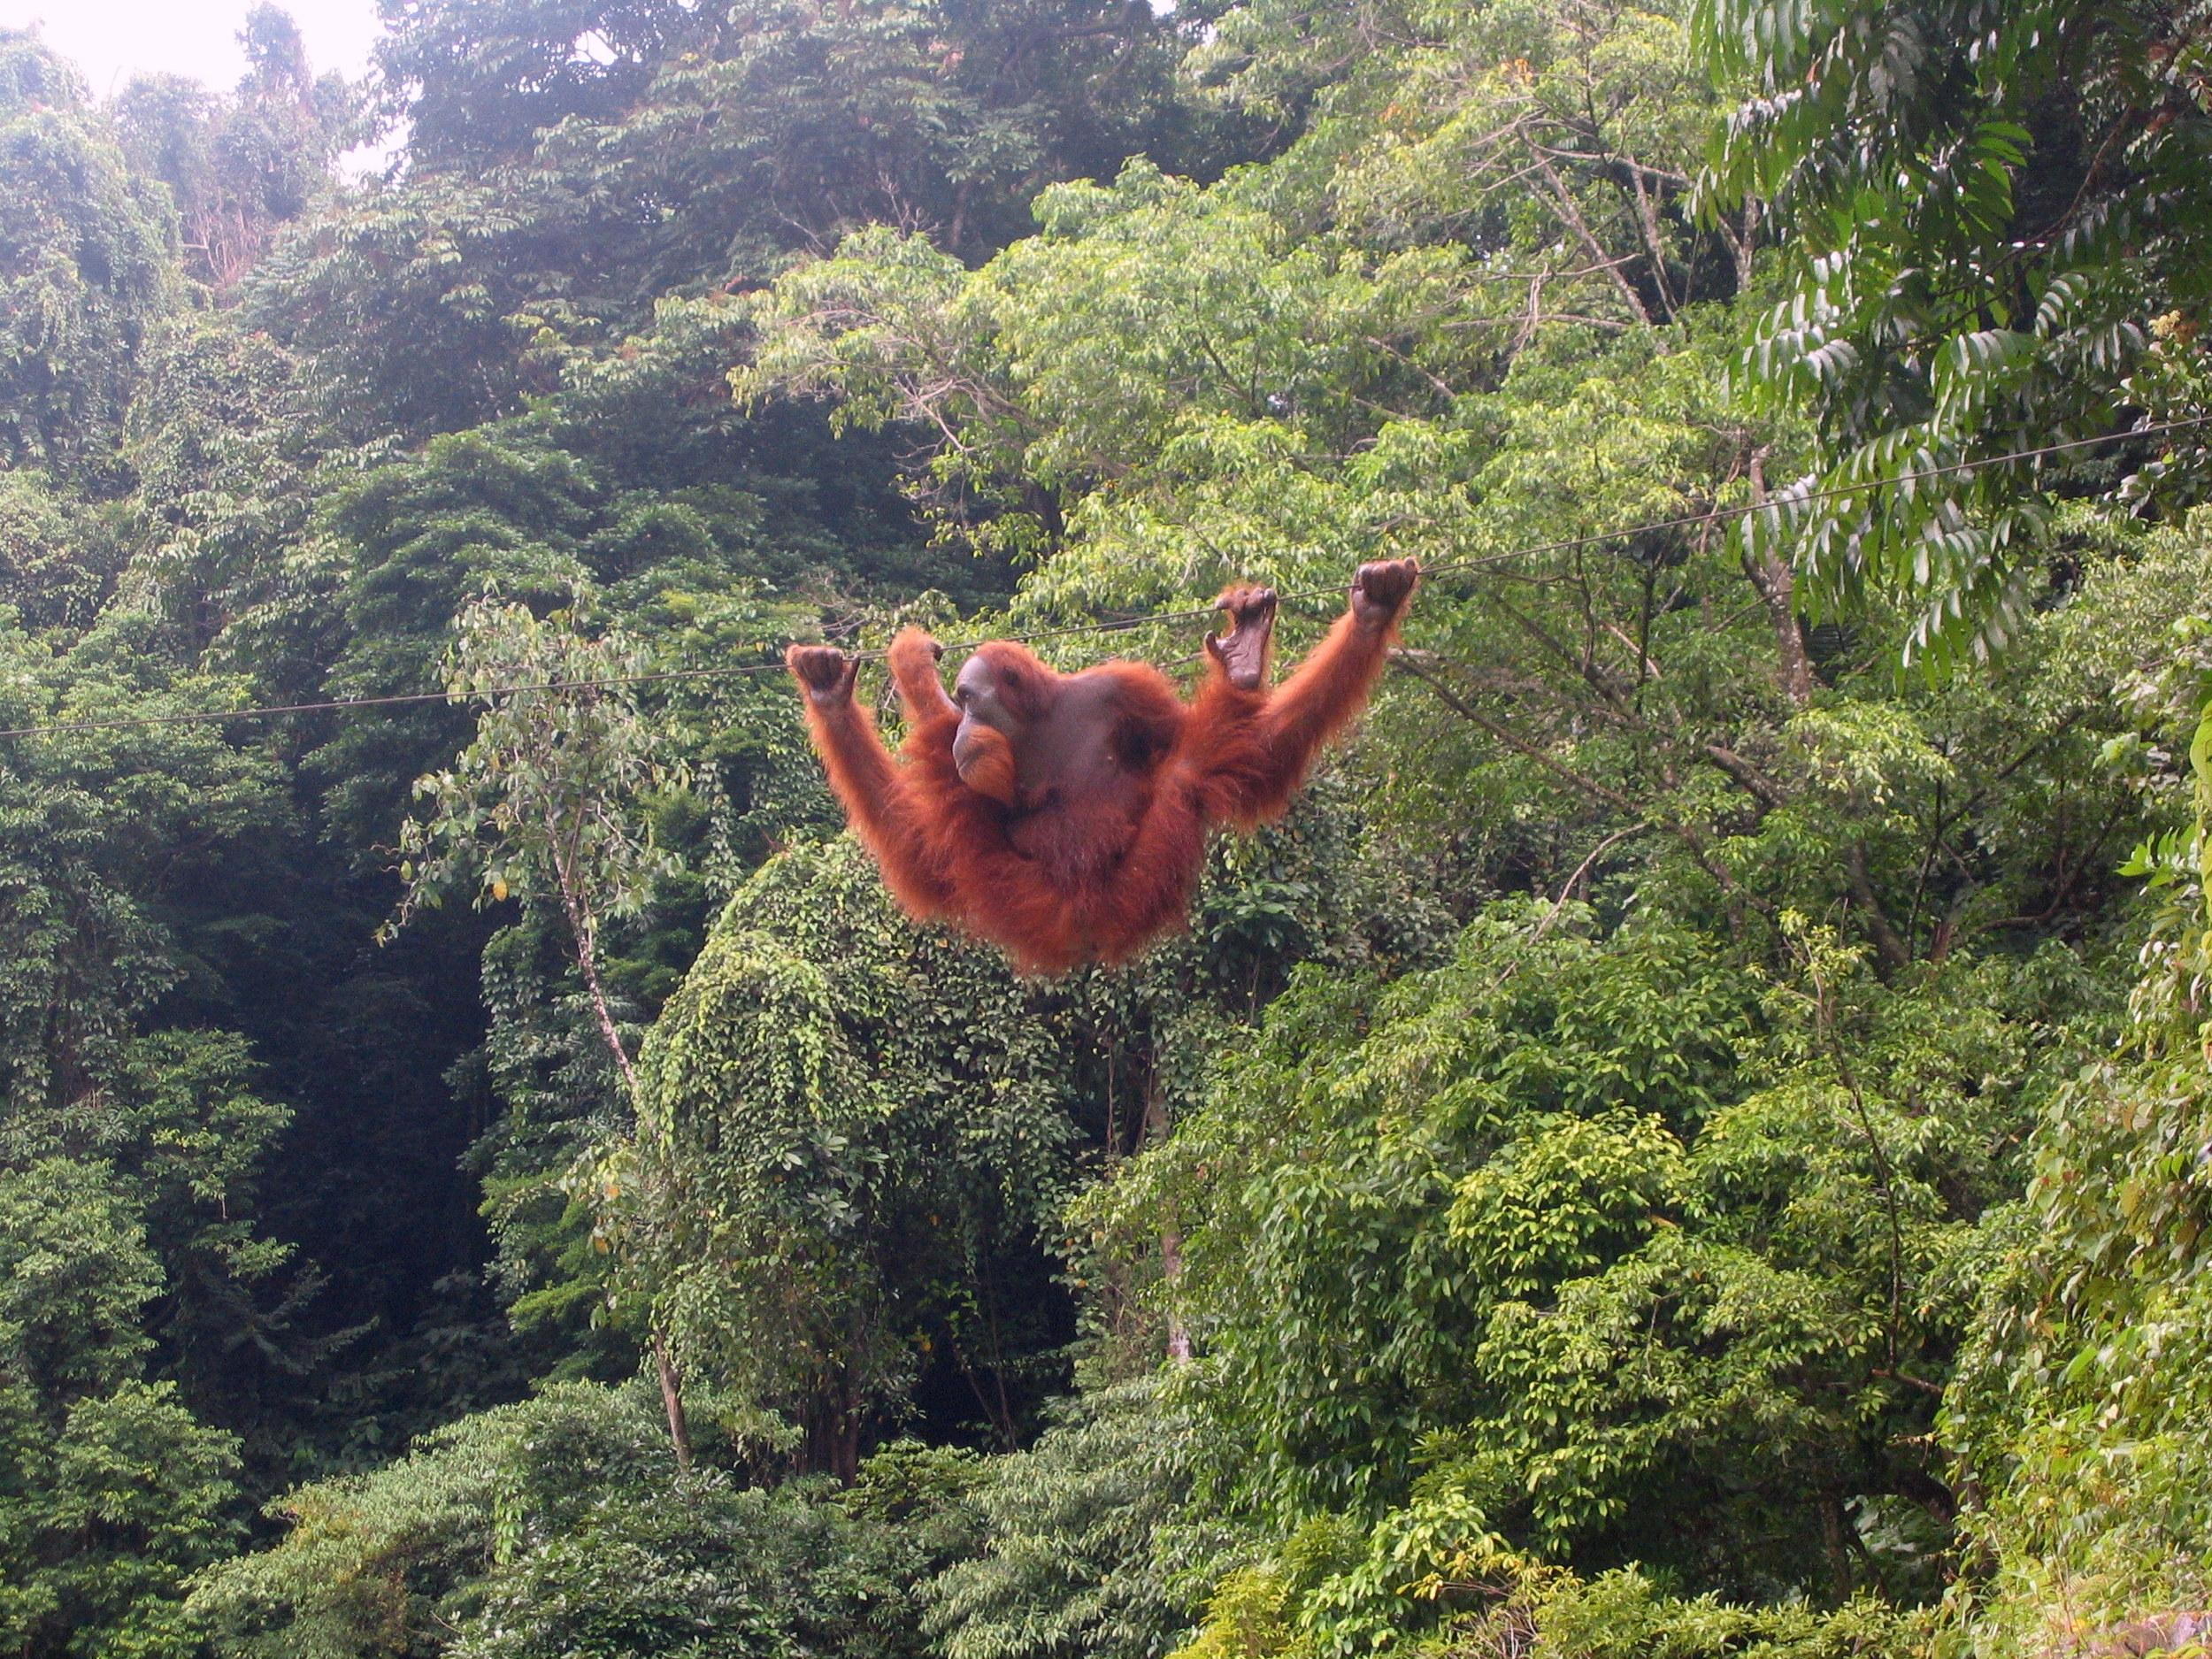 A Sumatran orangutan at   Bukit Lawang  , Indonesia.